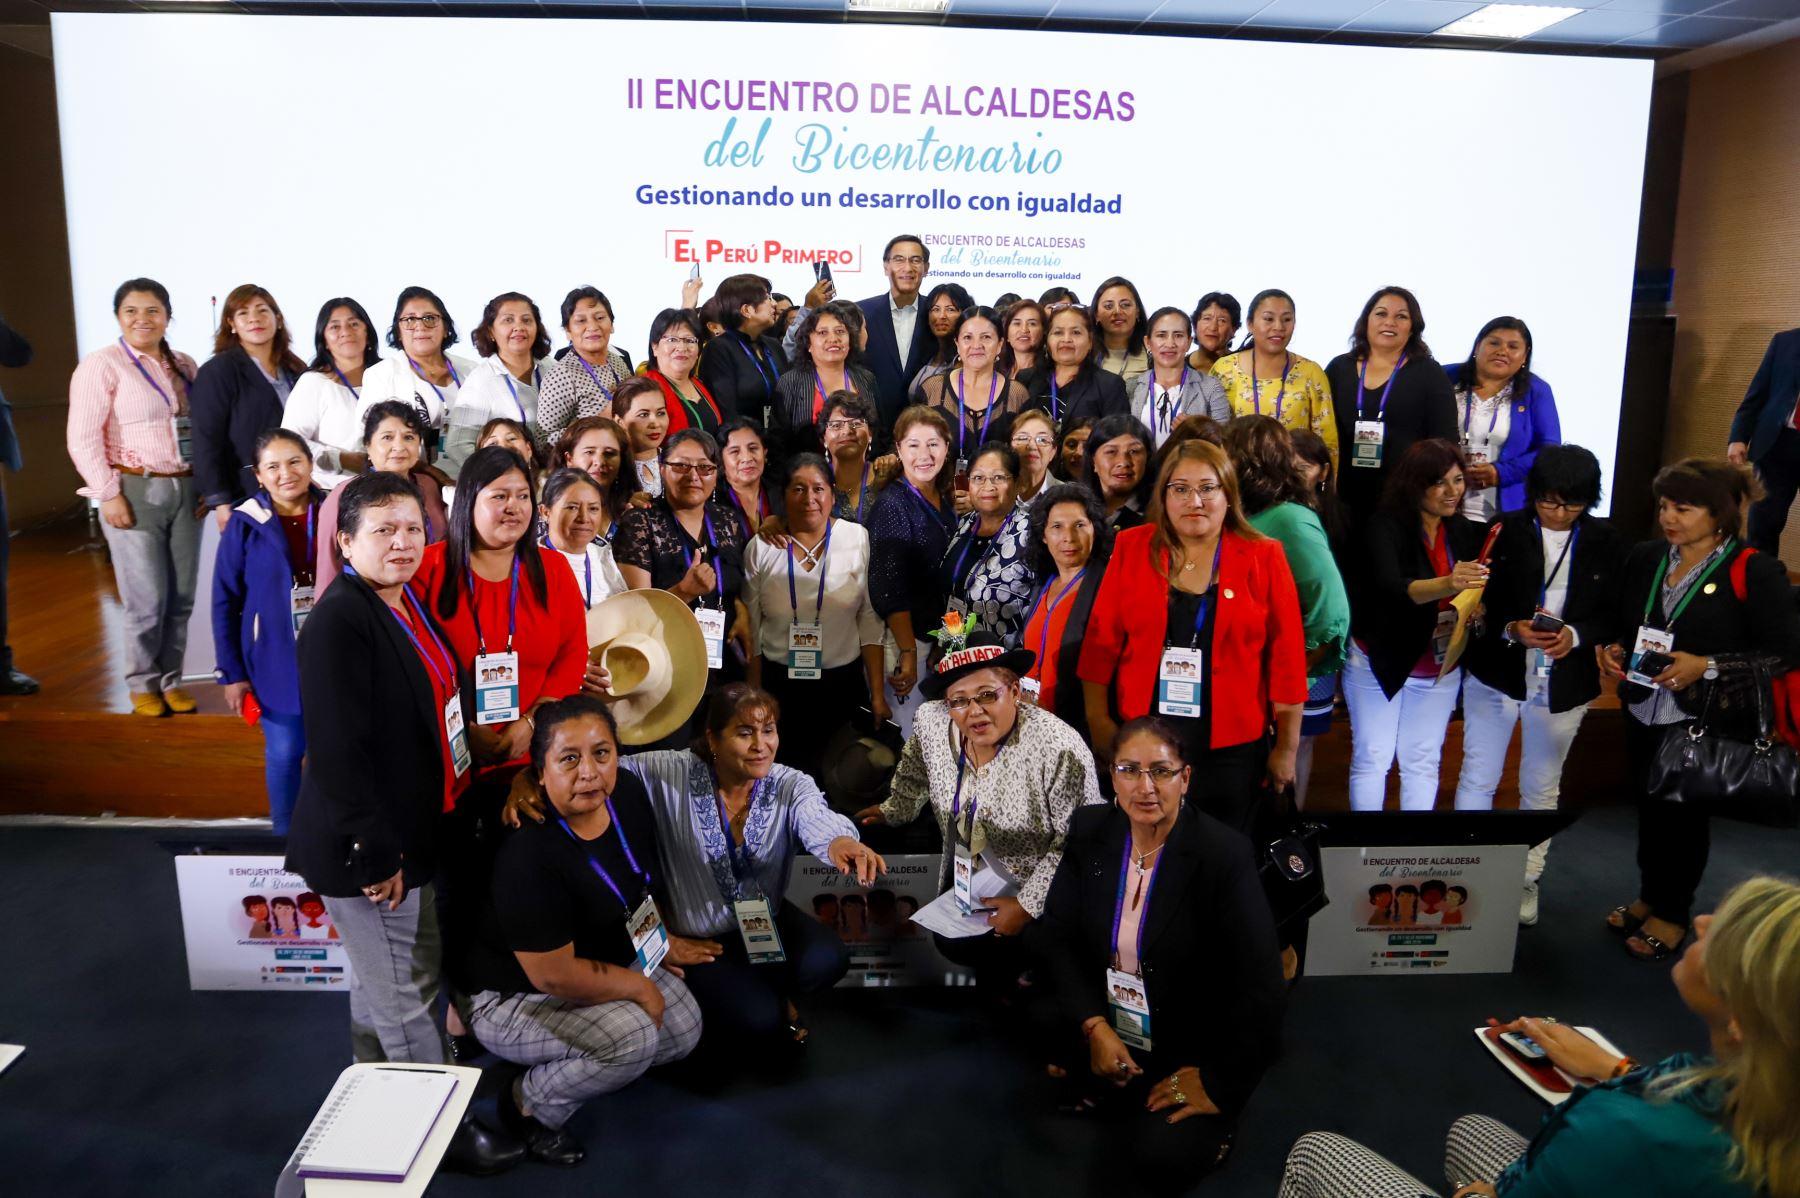 Presidente de la República participó en el II Encuentro de Alcaldesas del Bicentenario: Gestionando un Desarrollo con Igualdad de Género. Foto: ANDINA/Prensa Presidencia.